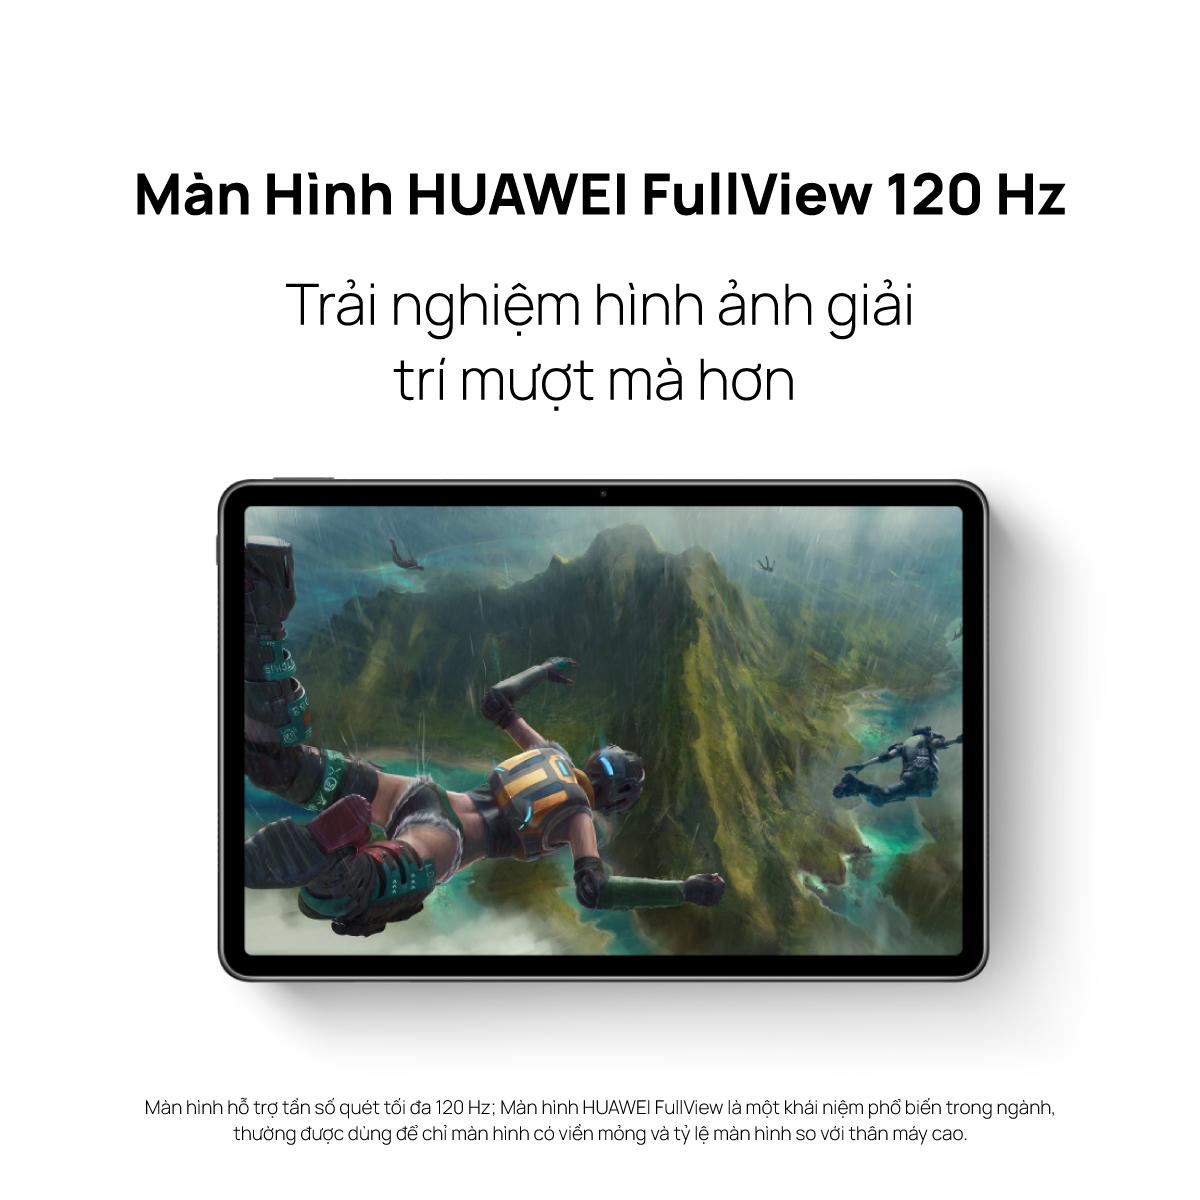 Máy Tính Bảng Huawei MatePad 11 | Màn Hình HUAWEI FullView 120 Hz | Kèm Bút cảm ứng Huawei M-Pencil + Bàn phím Smart Magnetic Keyboard